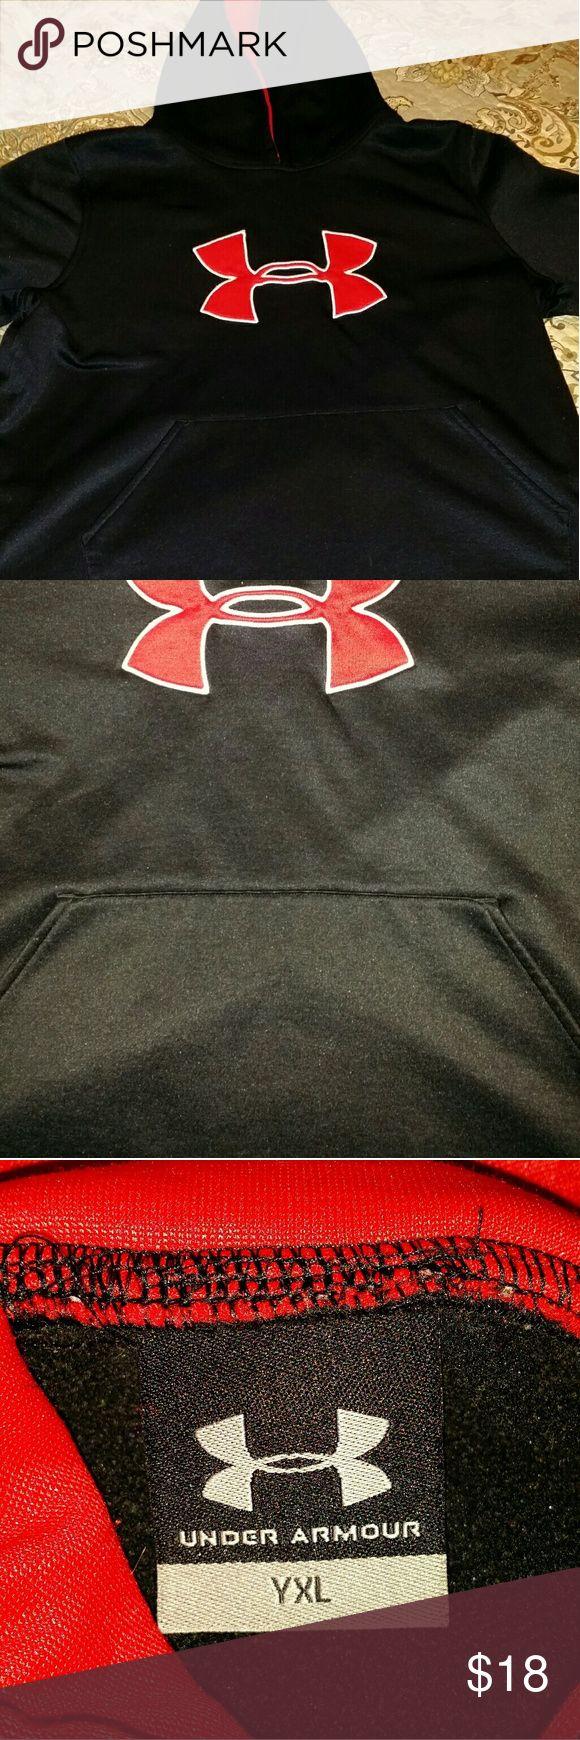 Youth Under Armour hooded sweat top Black n Red Under Armour hooded sweat top YXL Under Armour Shirts & Tops Sweatshirts & Hoodies